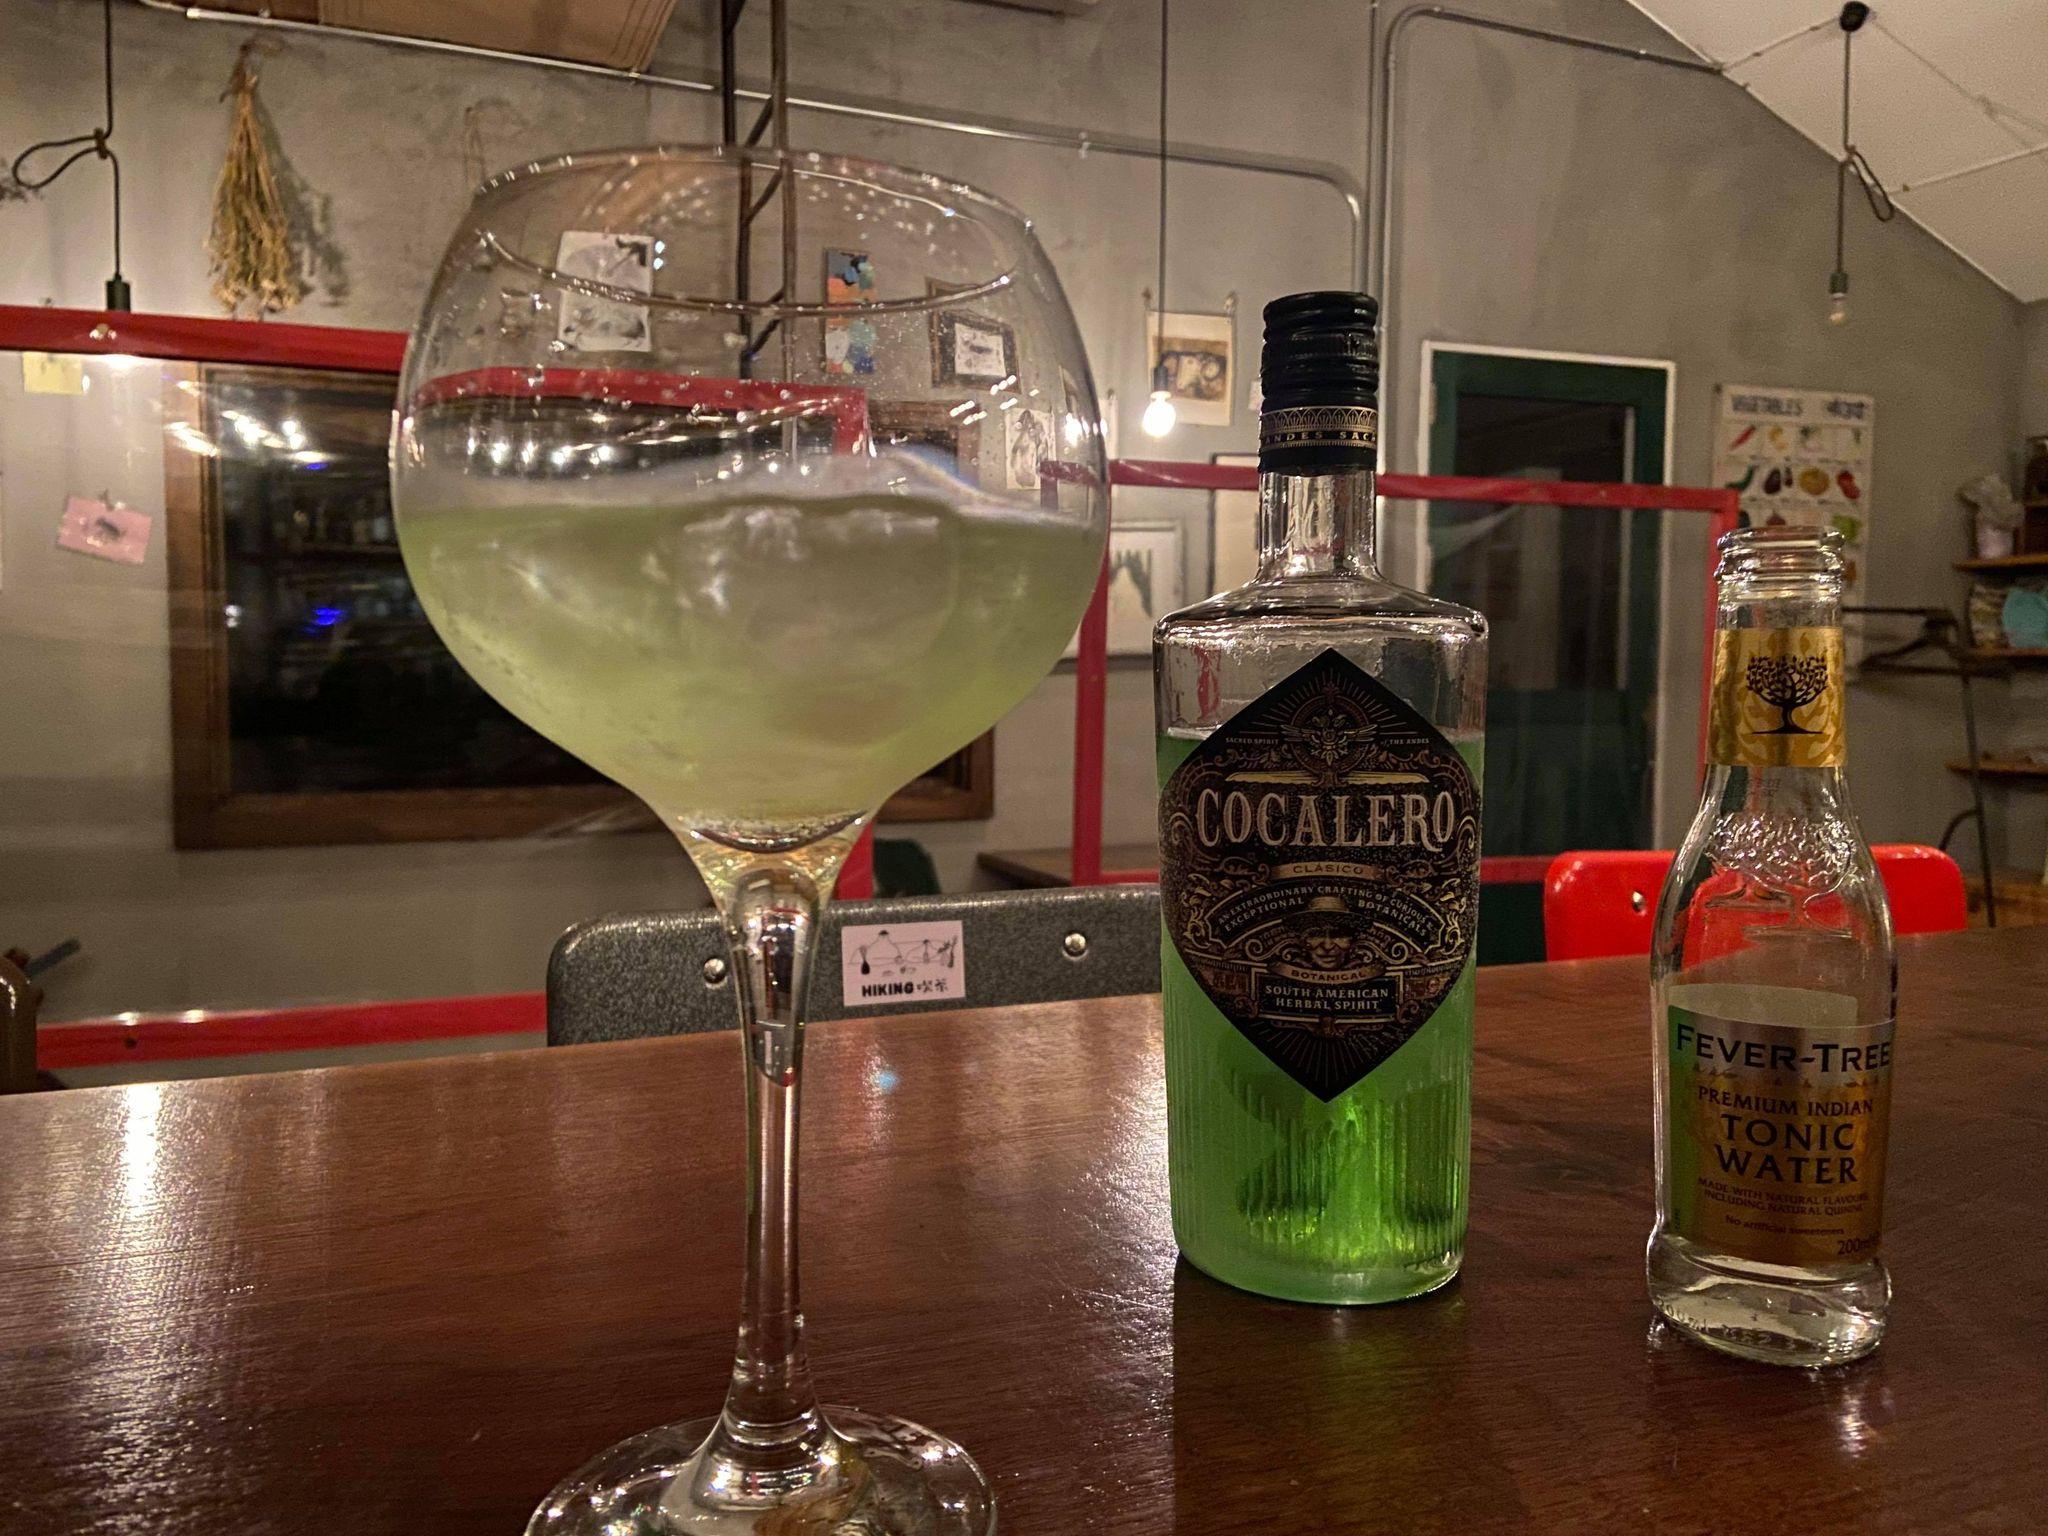 コカレロのボトルとバルーングラスで作ったコカトニック